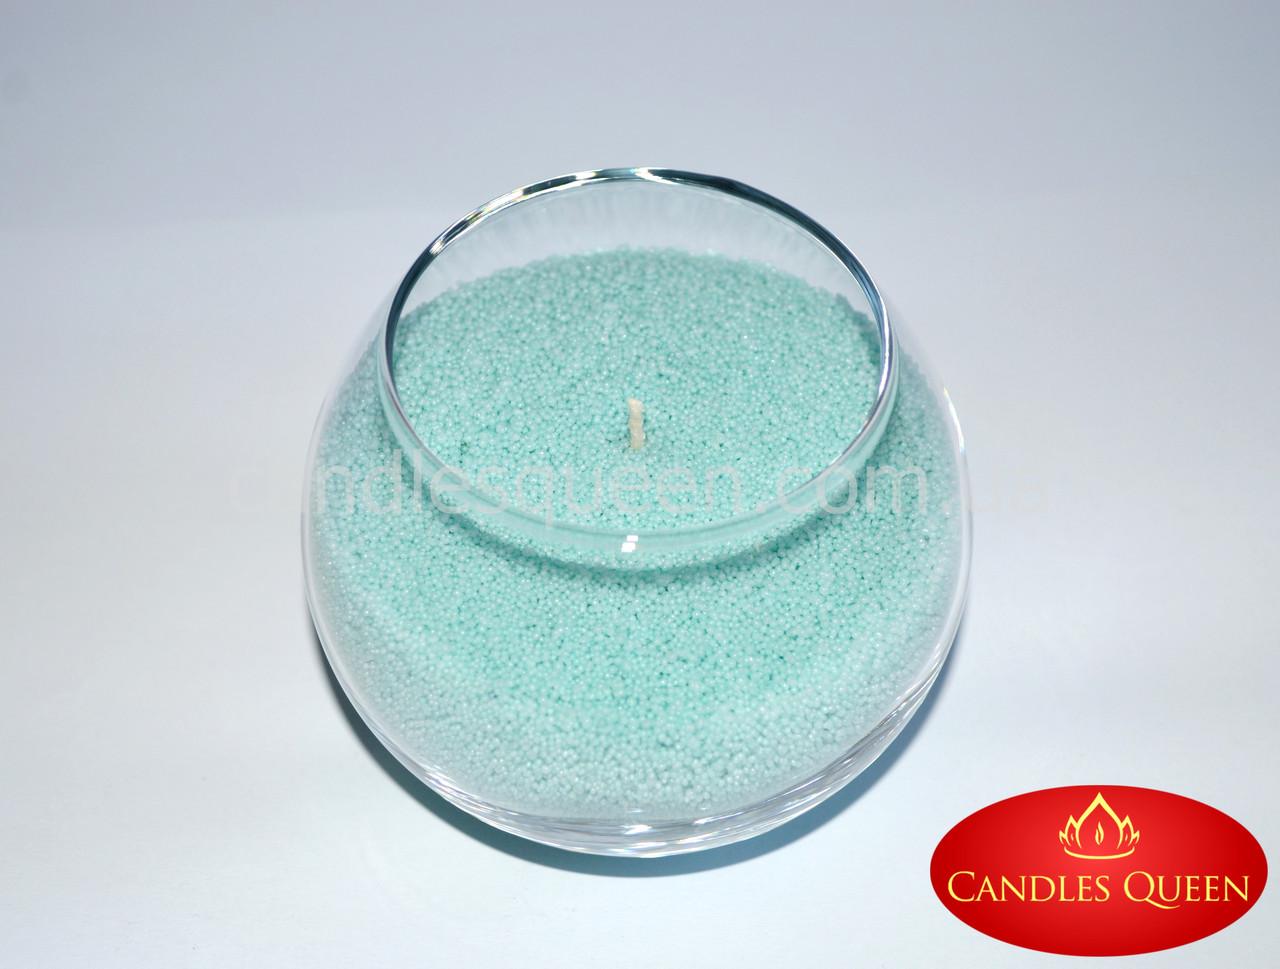 Стеарин цвет мяты 500 г. Для создания насыпных свечей и литых